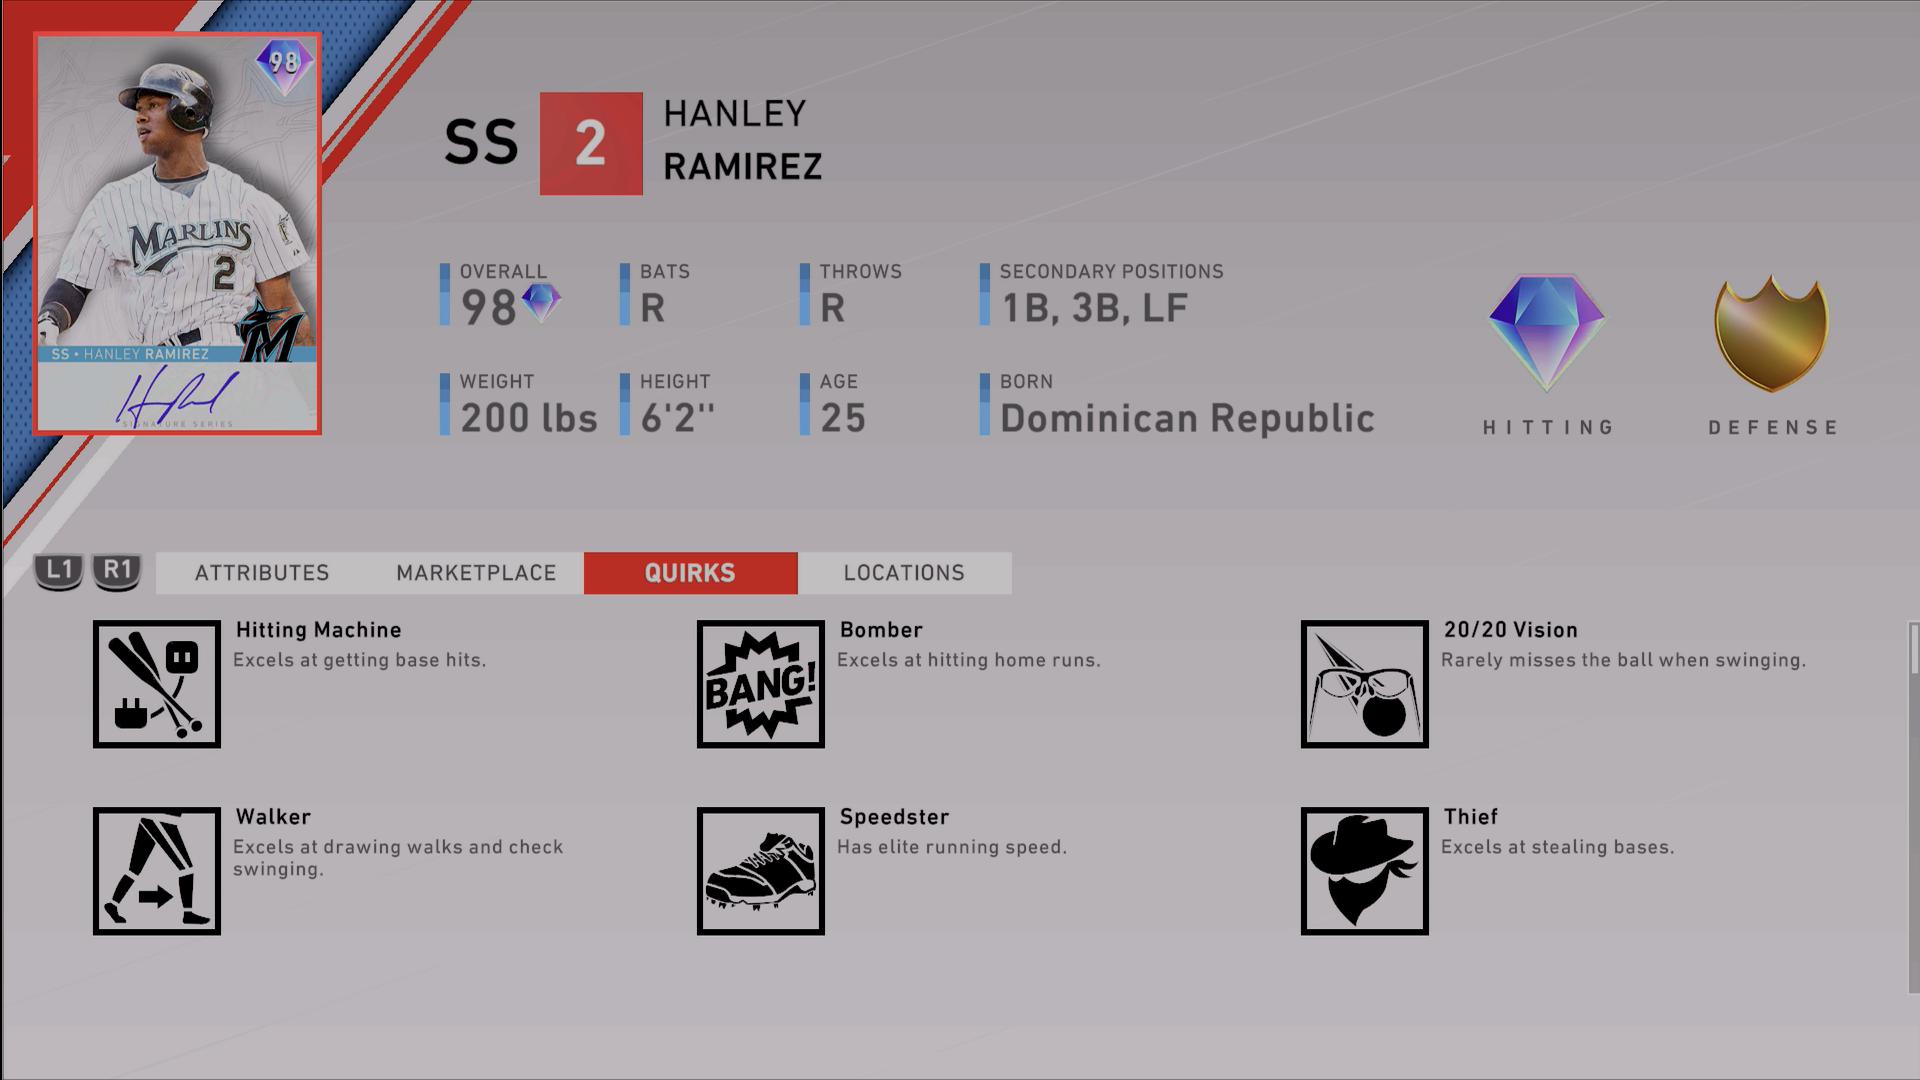 signature-series-hanley-ramirez-quirks